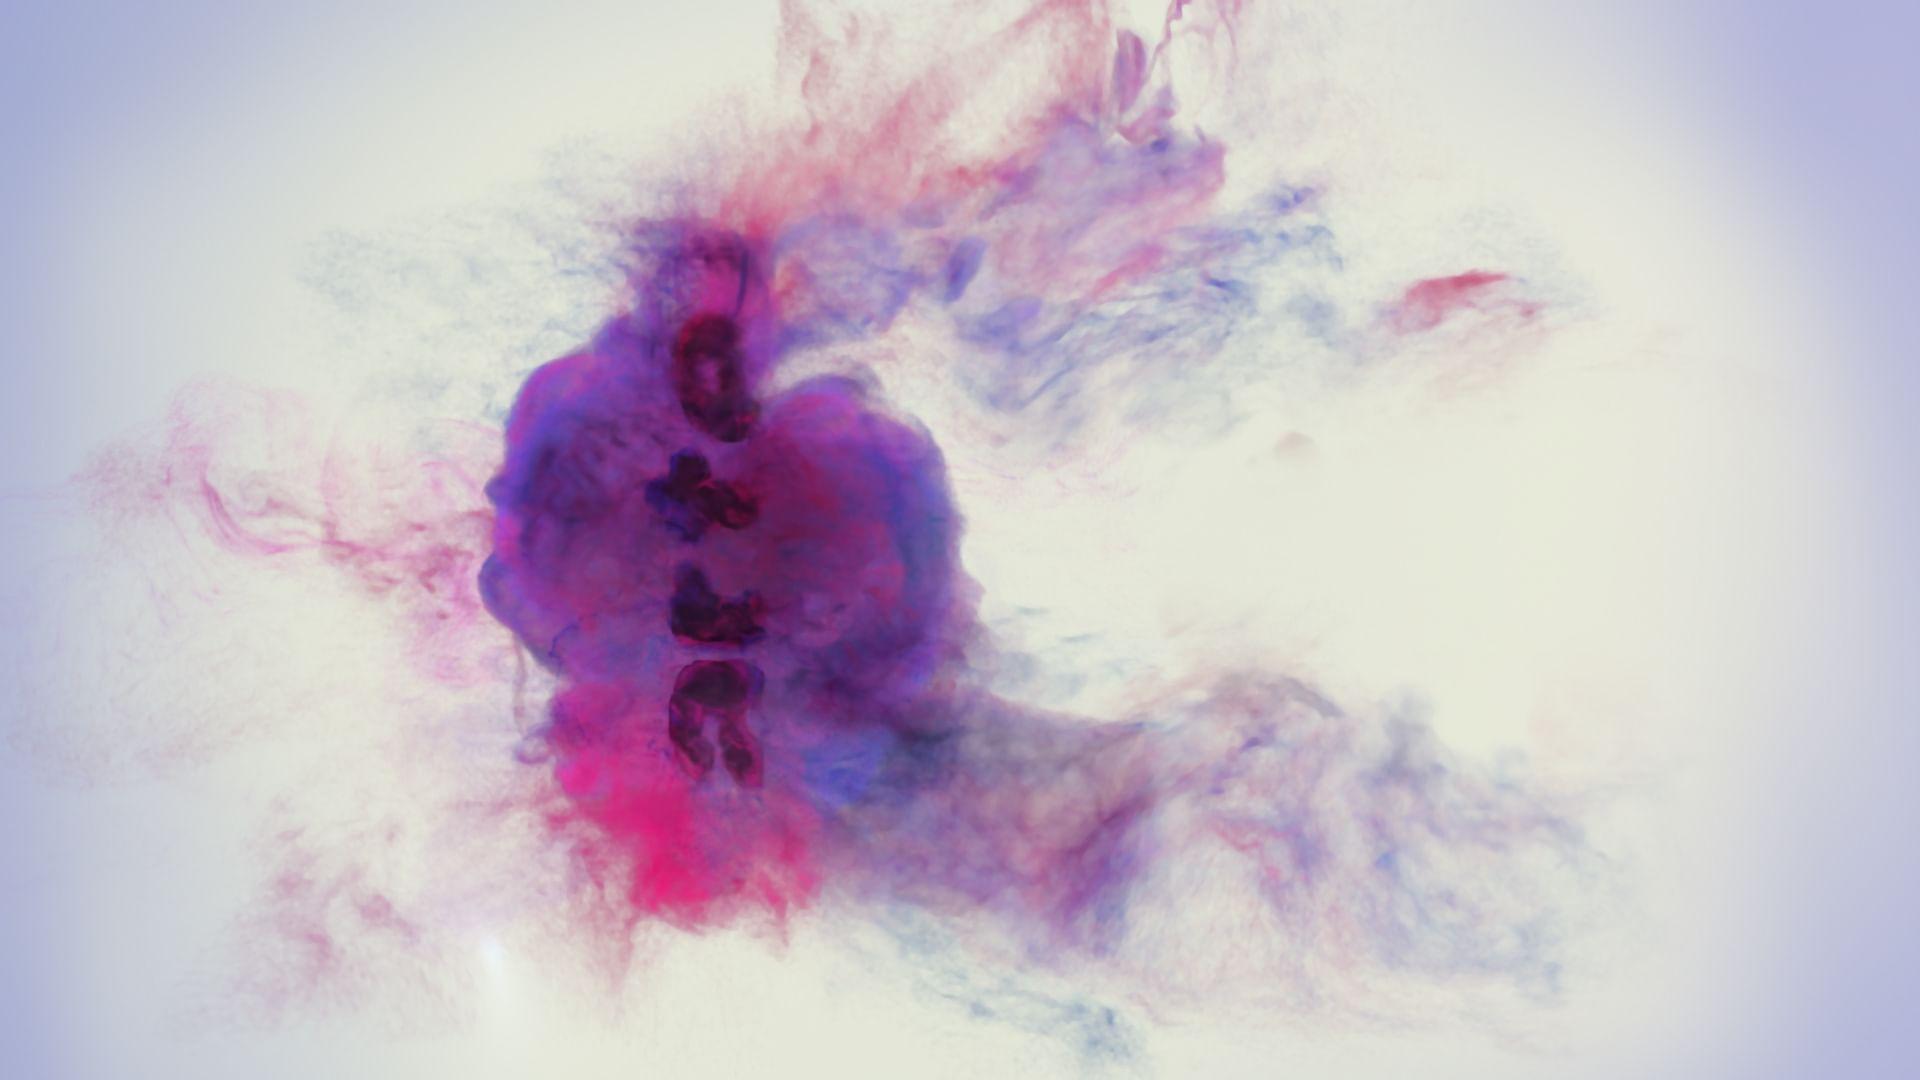 Street Photography (3/13) | Glen E. Friedman. Guter Rapper - Böser Rapper